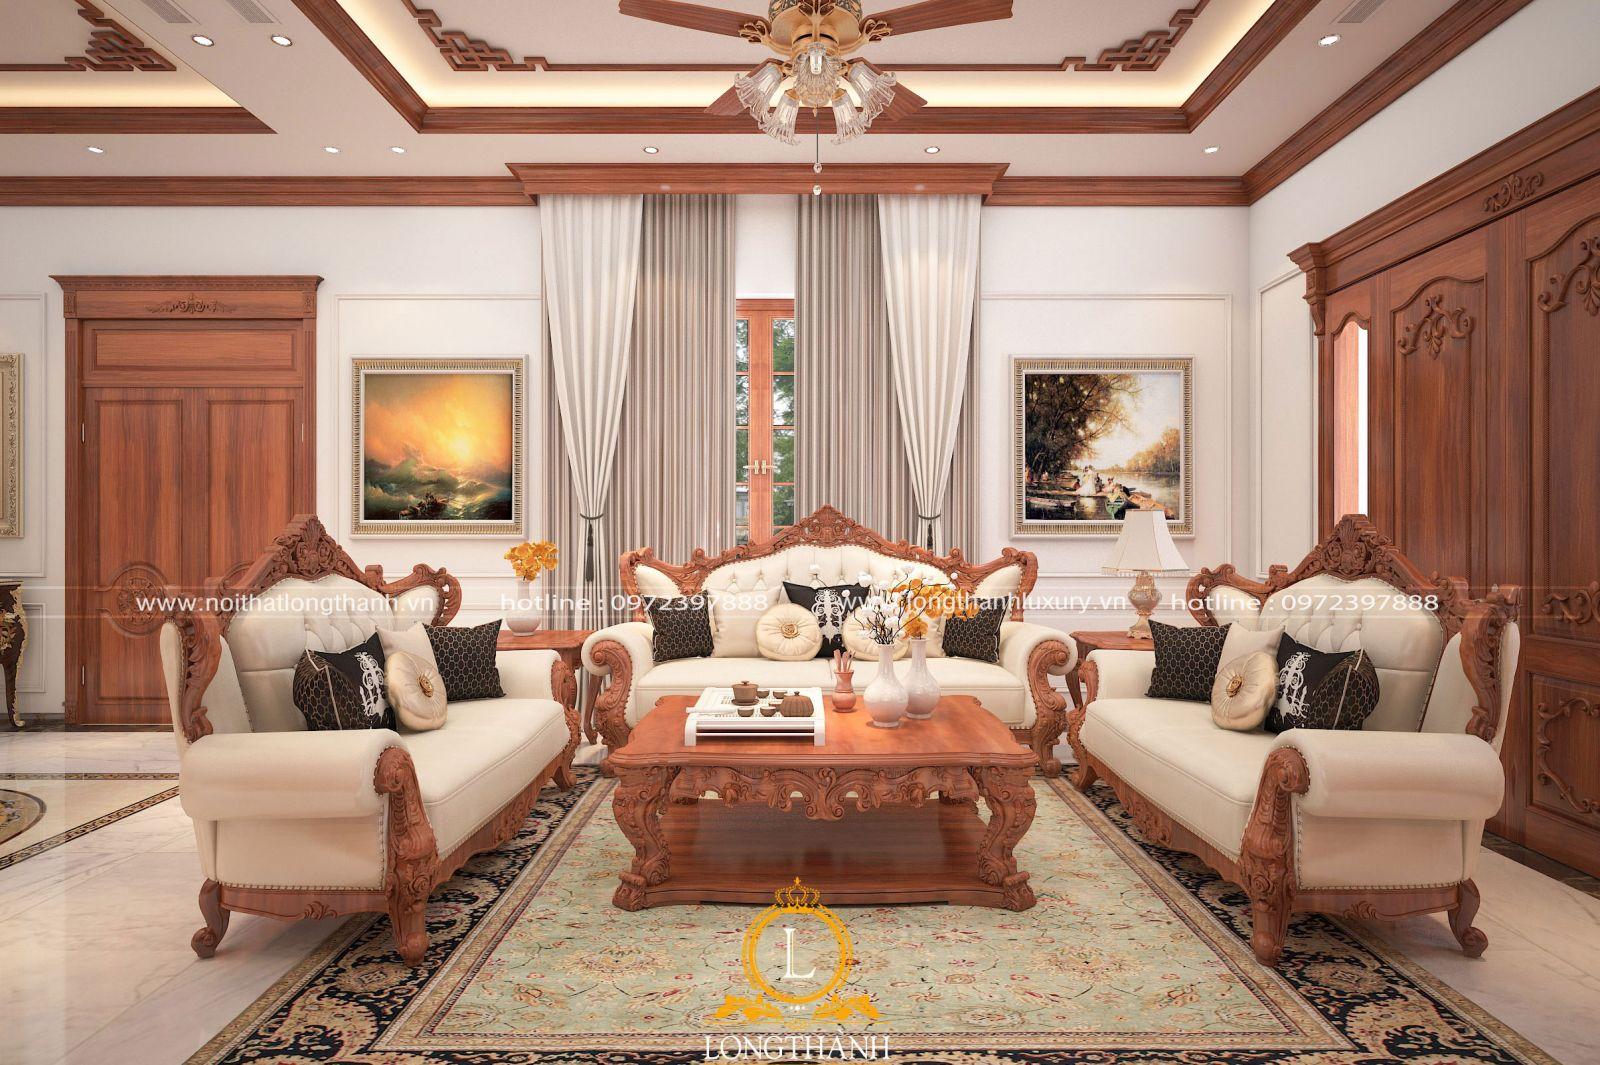 Mẫu sofa  đẹp được sử dụng hoàn toàn chất lượng gỗ tự nhiên đẳng cấp sử dụng cho phòng khách biệt thự